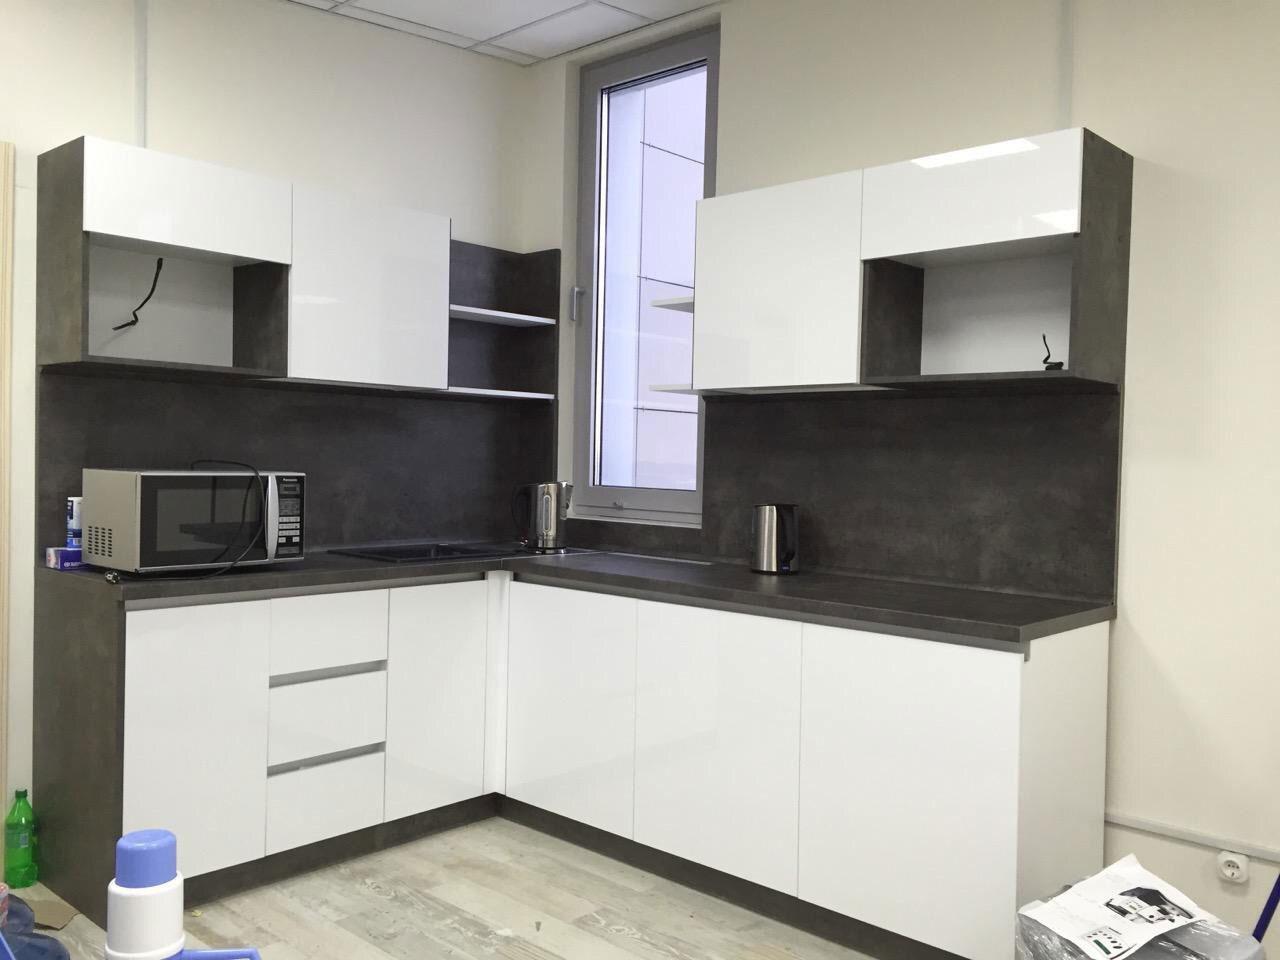 Ремонт квартир с нуля - черновой ремонт в новостройке